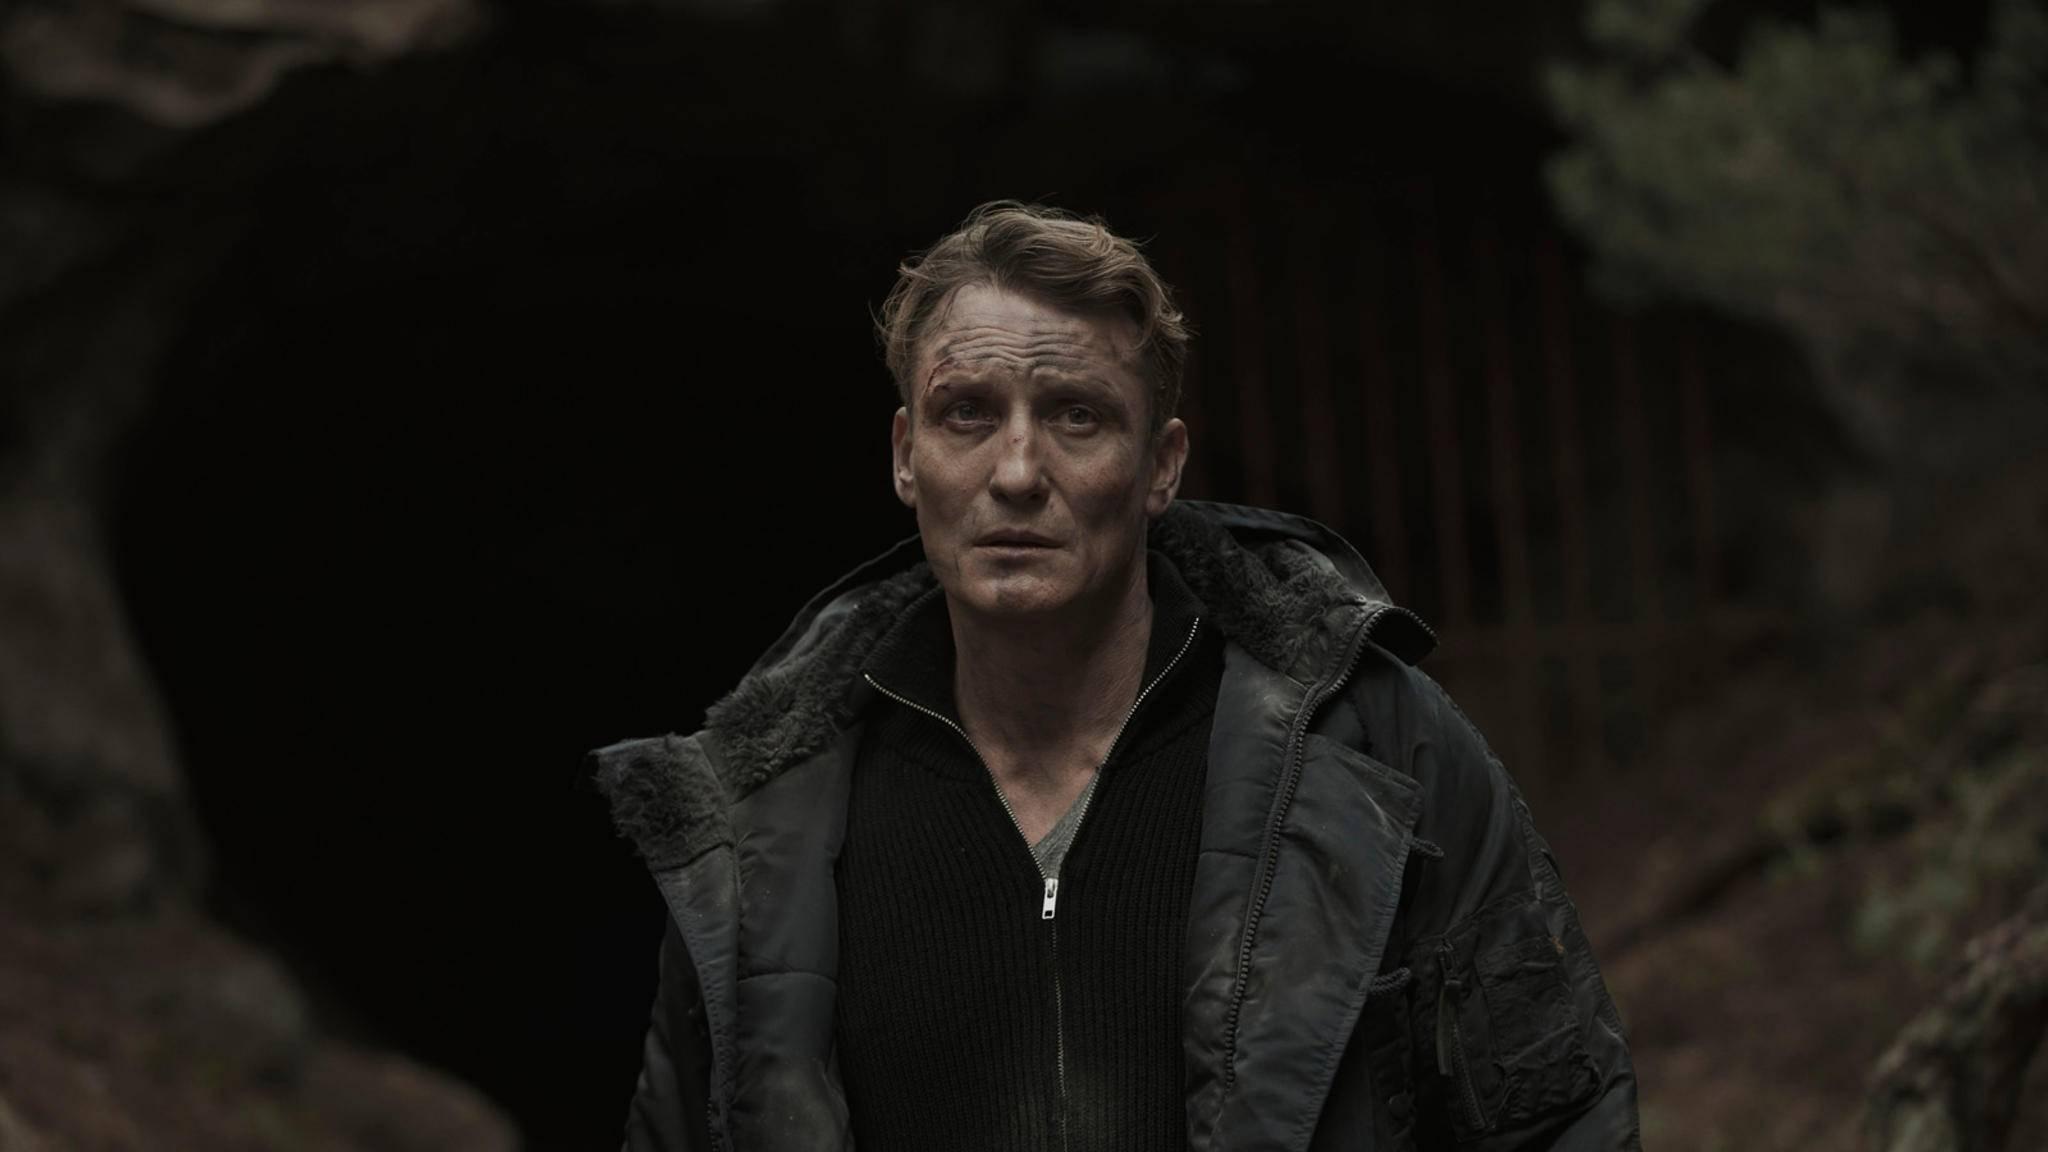 Hauptfigur Ulrich Nielsen wird in fortgeschrittenem Alter von einem anderen Darsteller verkörpert werden.